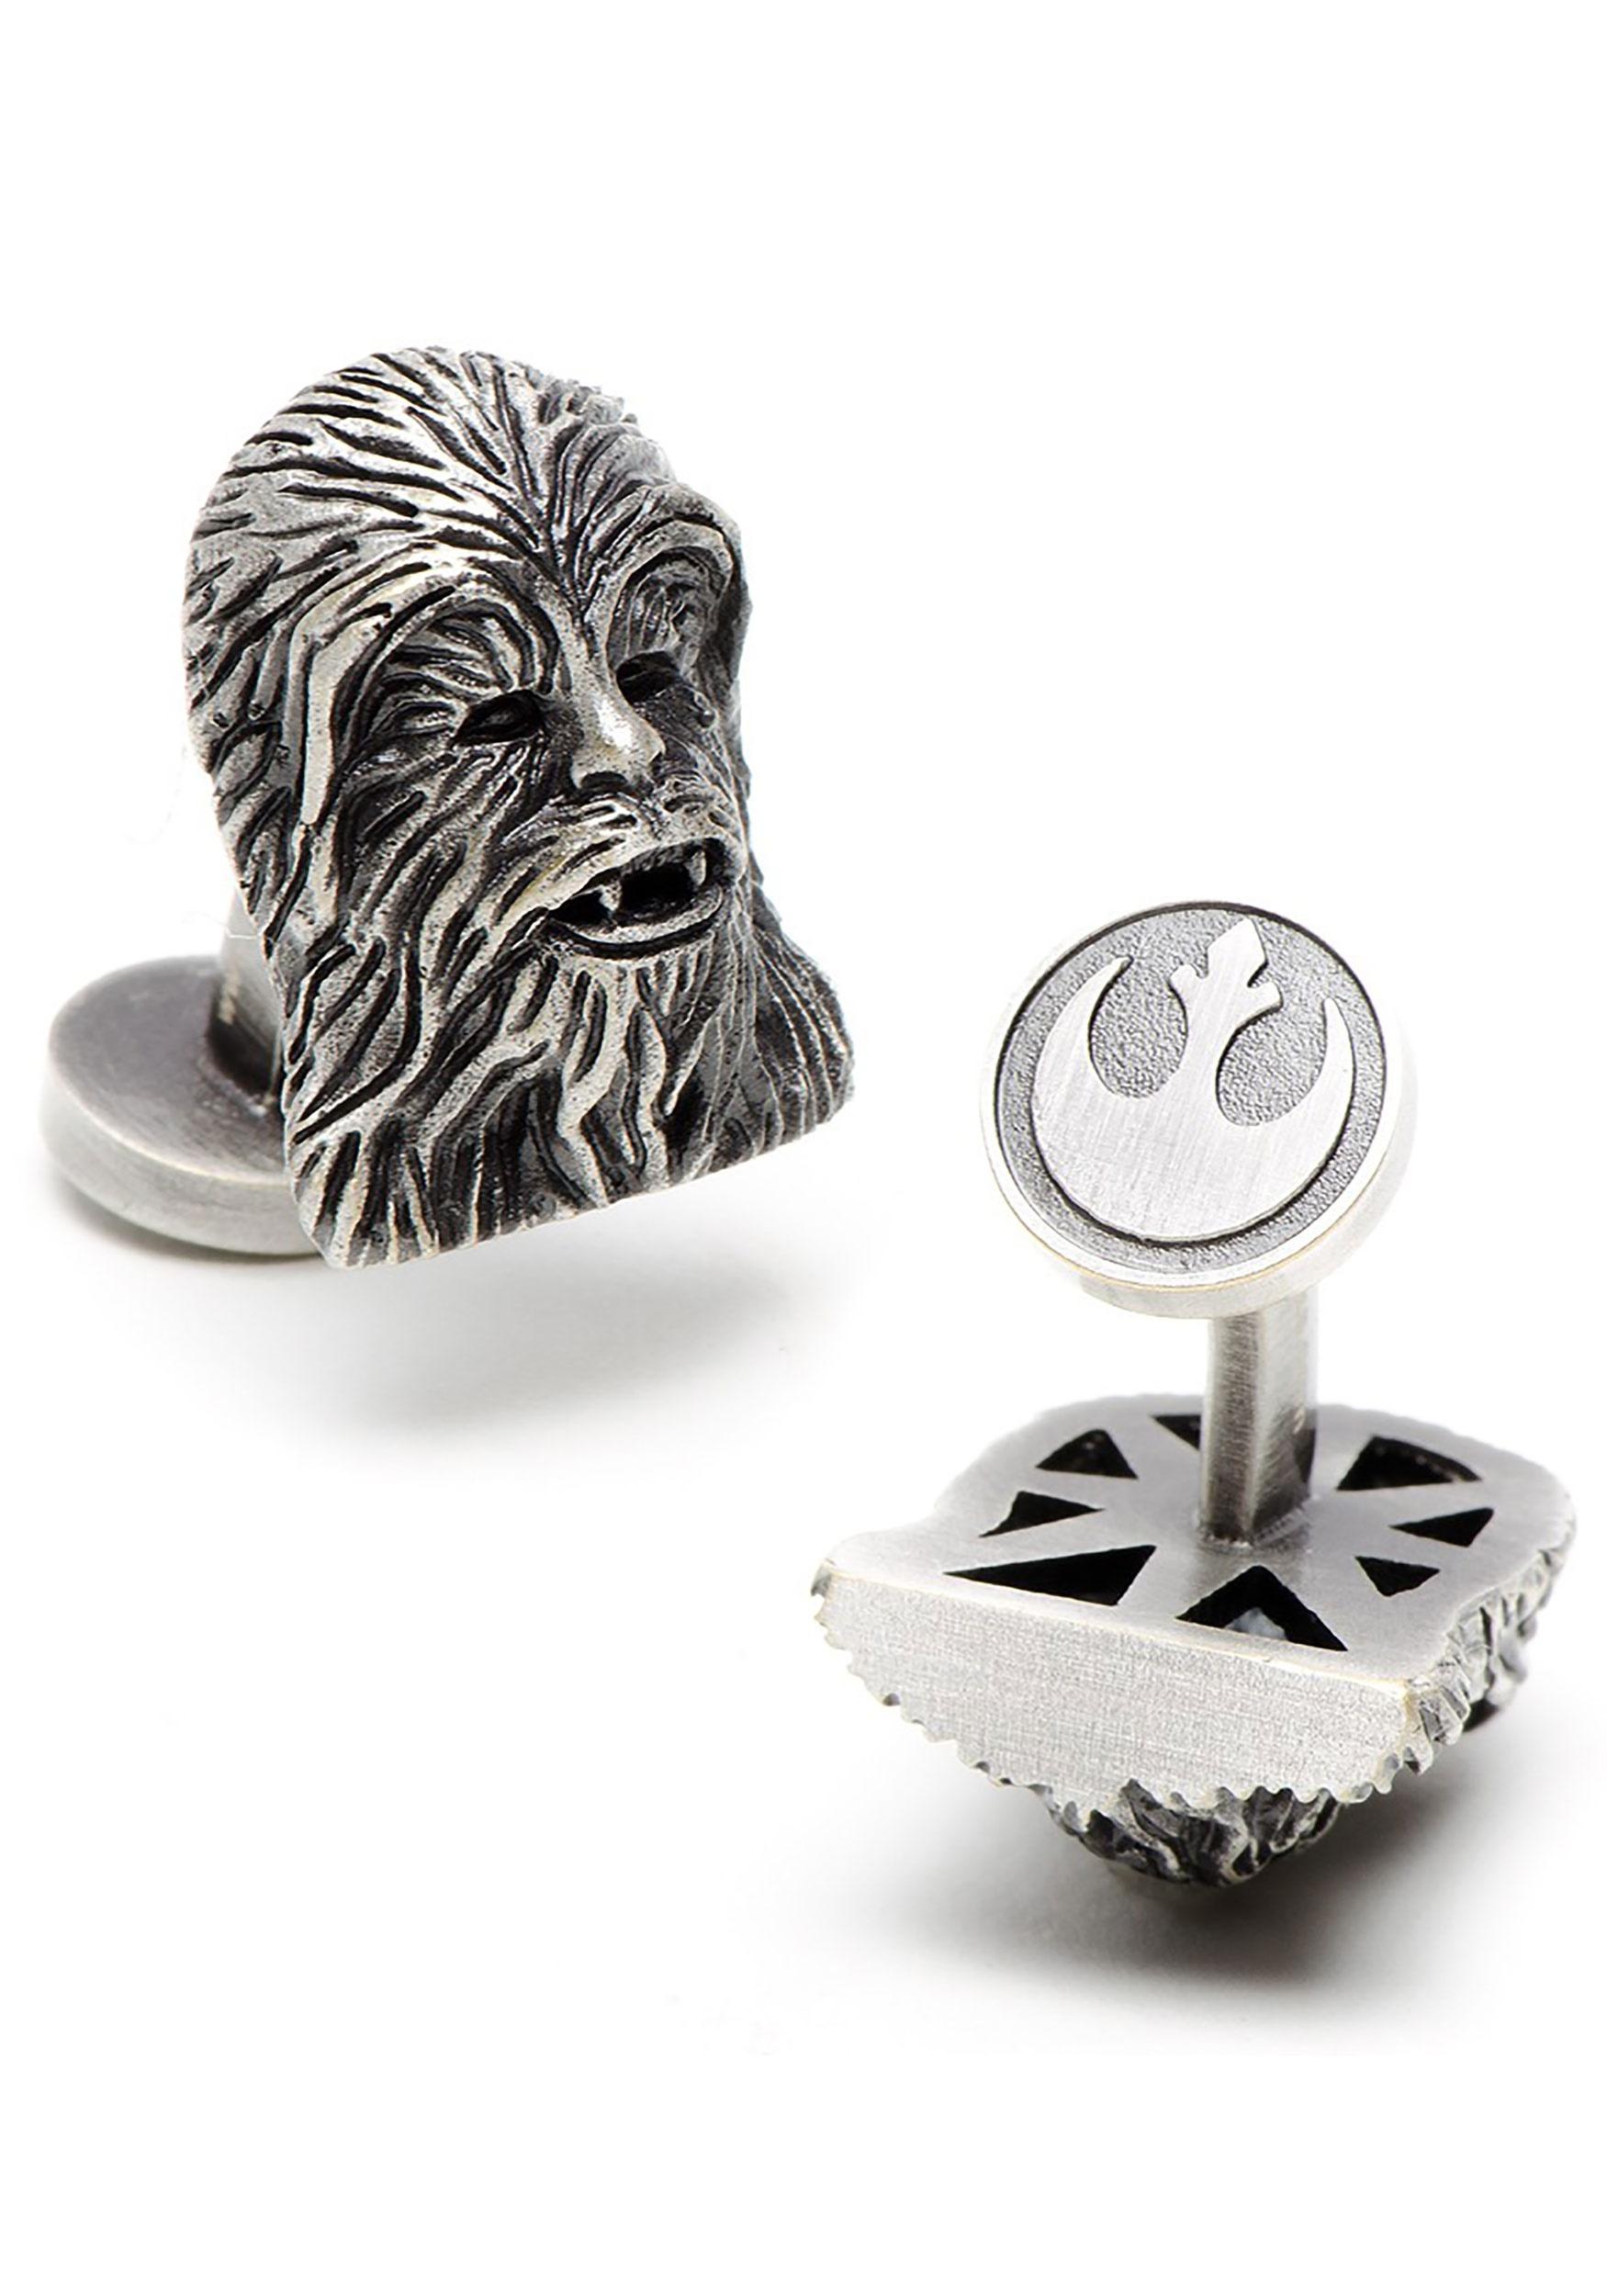 3d chewbacca cufflinks